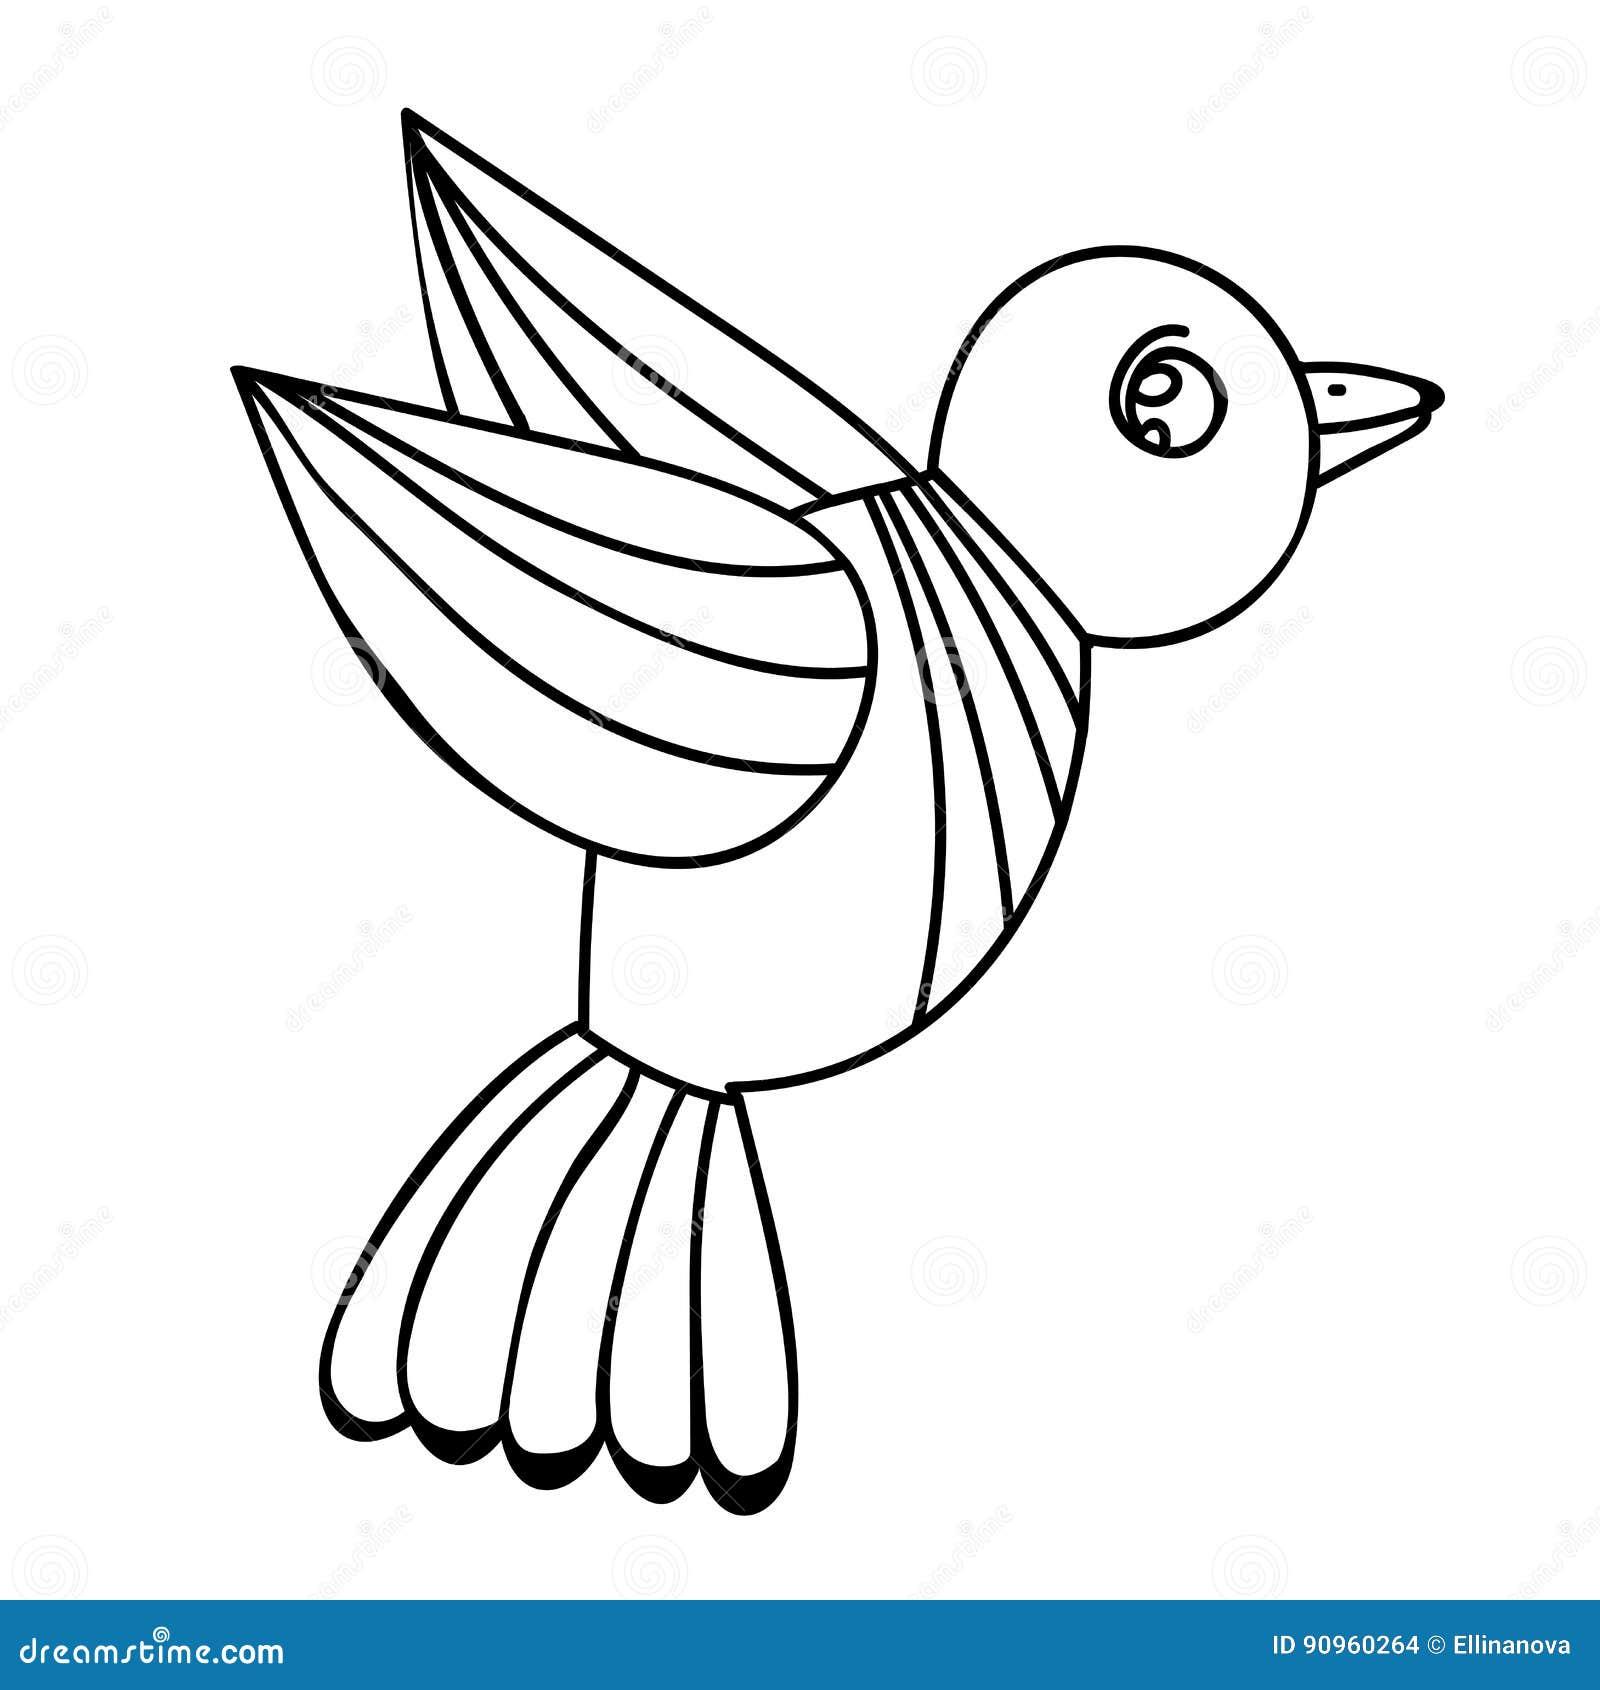 Dorable Libro Para Colorear Pájaro Viñeta - Enmarcado Para Colorear ...